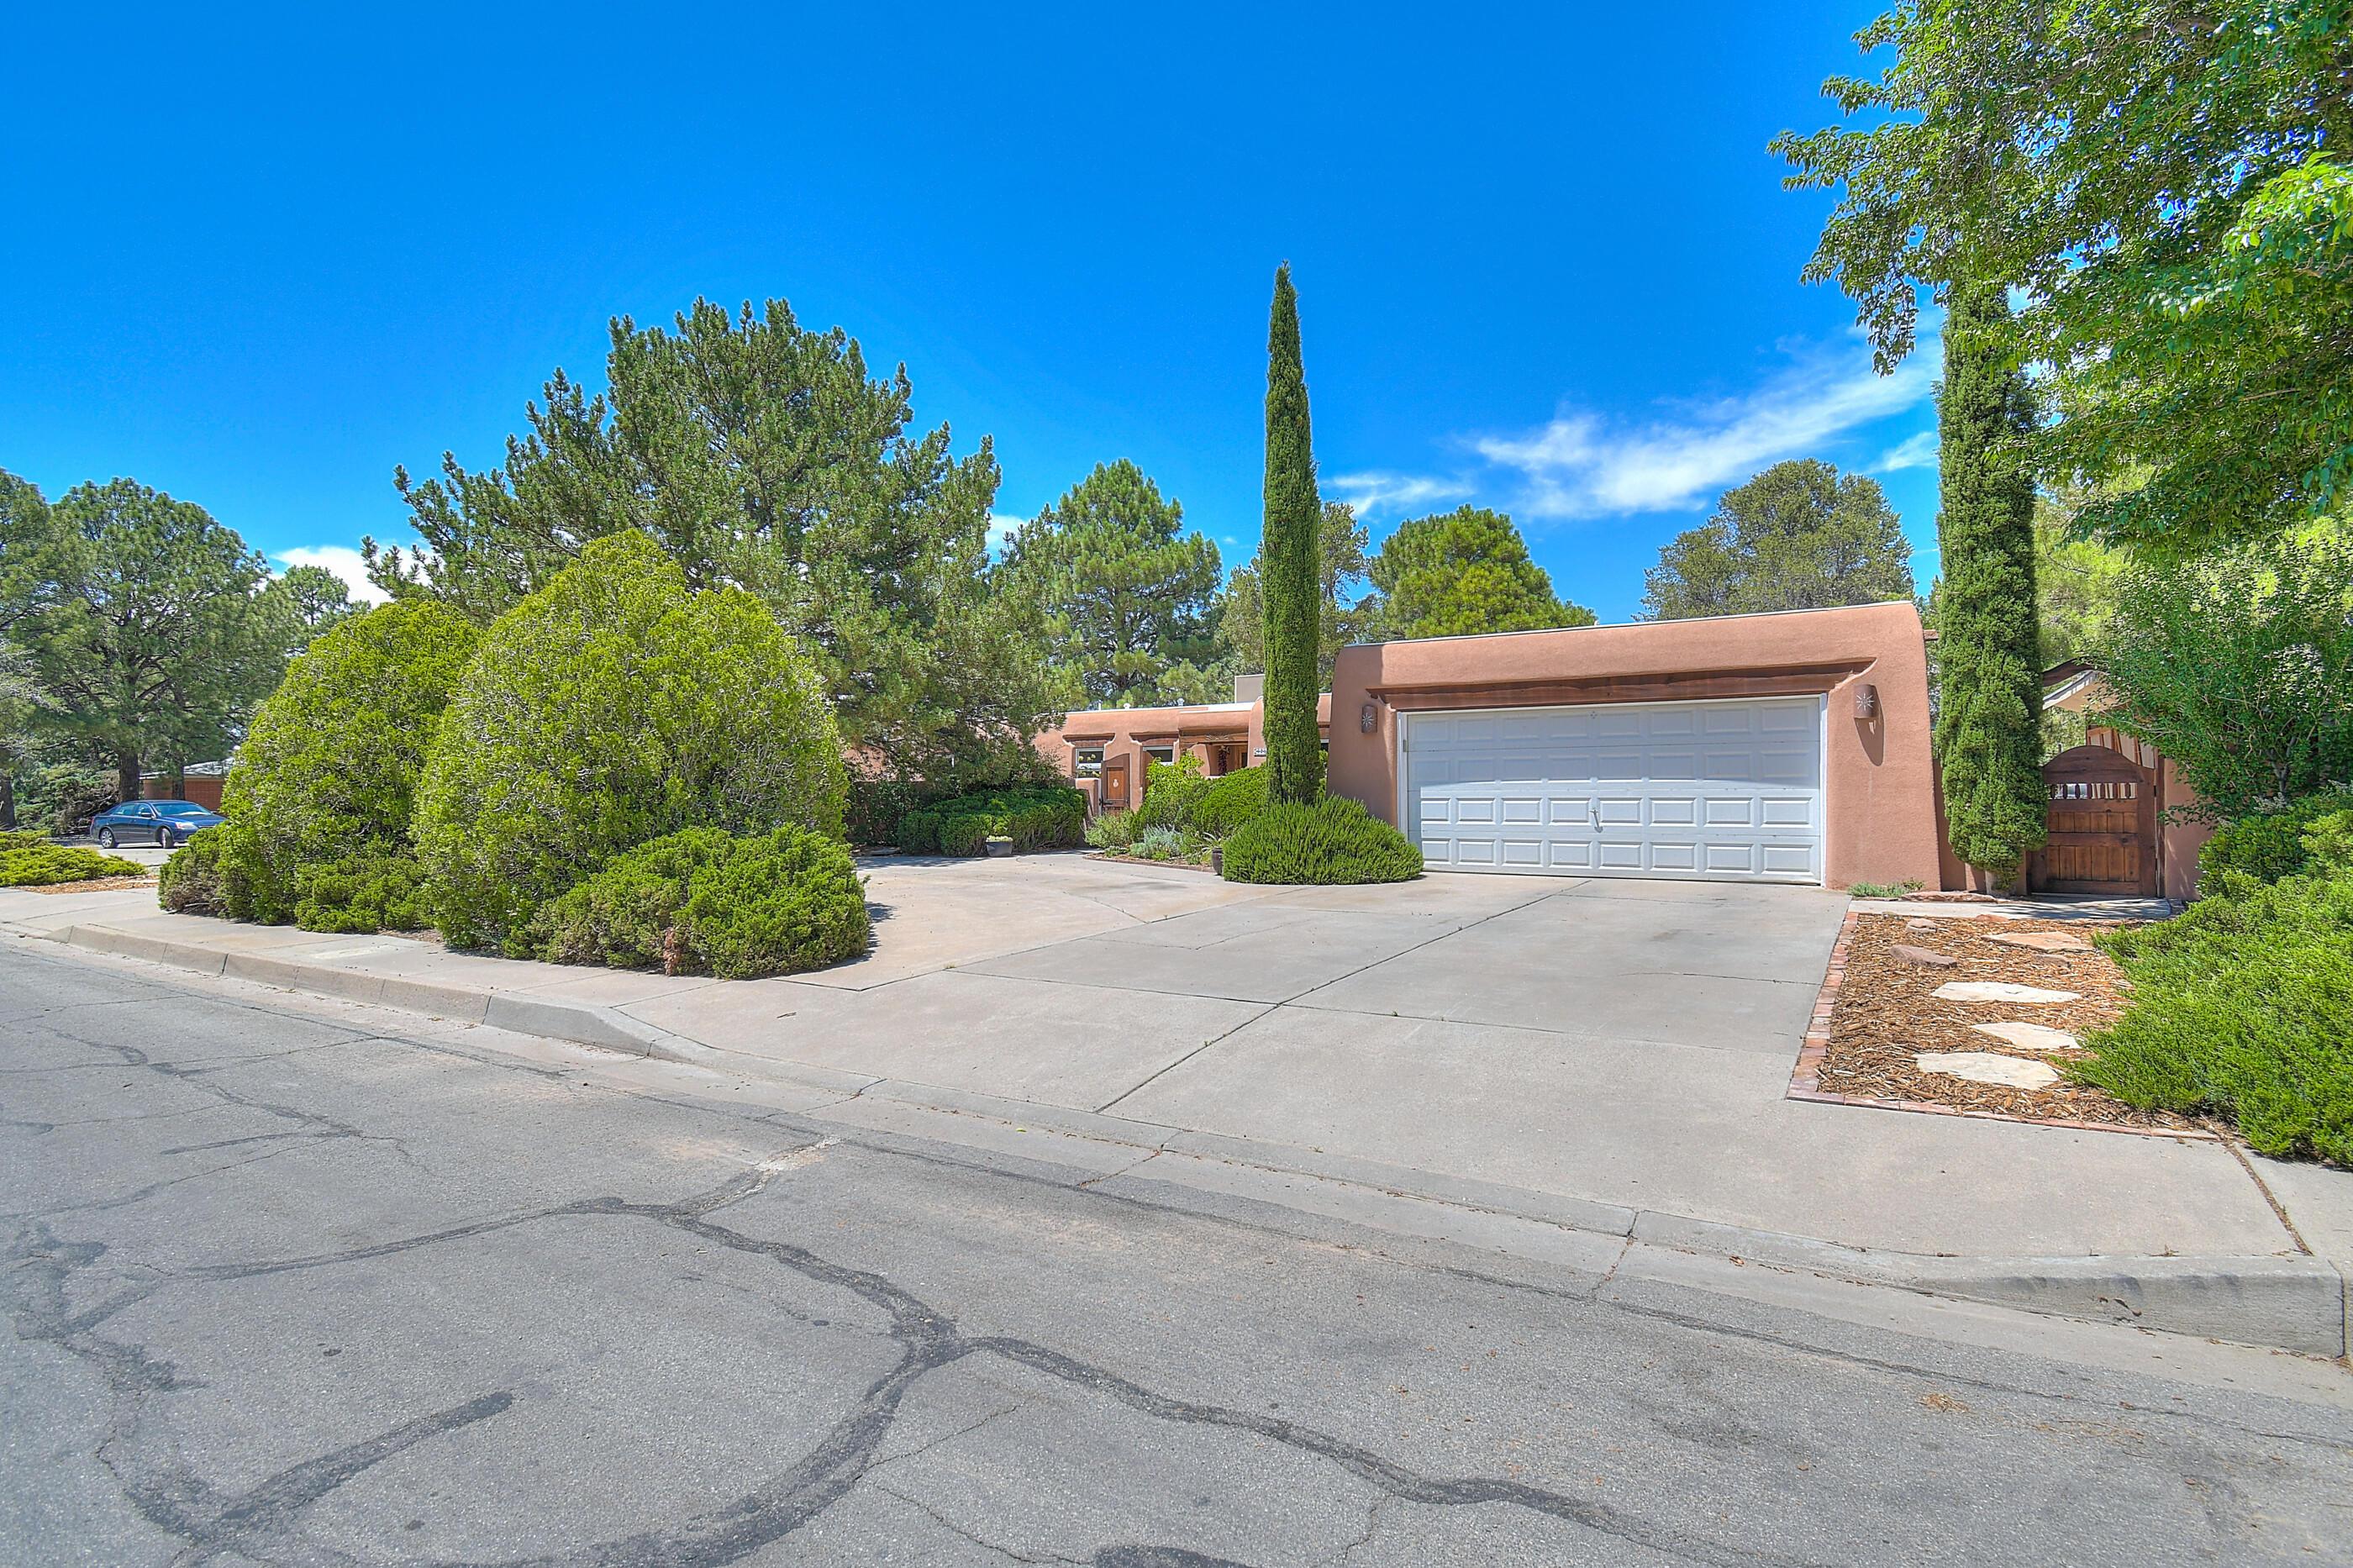 6205 MITCHELL Road SE, Albuquerque, NM 87108 - Albuquerque, NM real estate listing